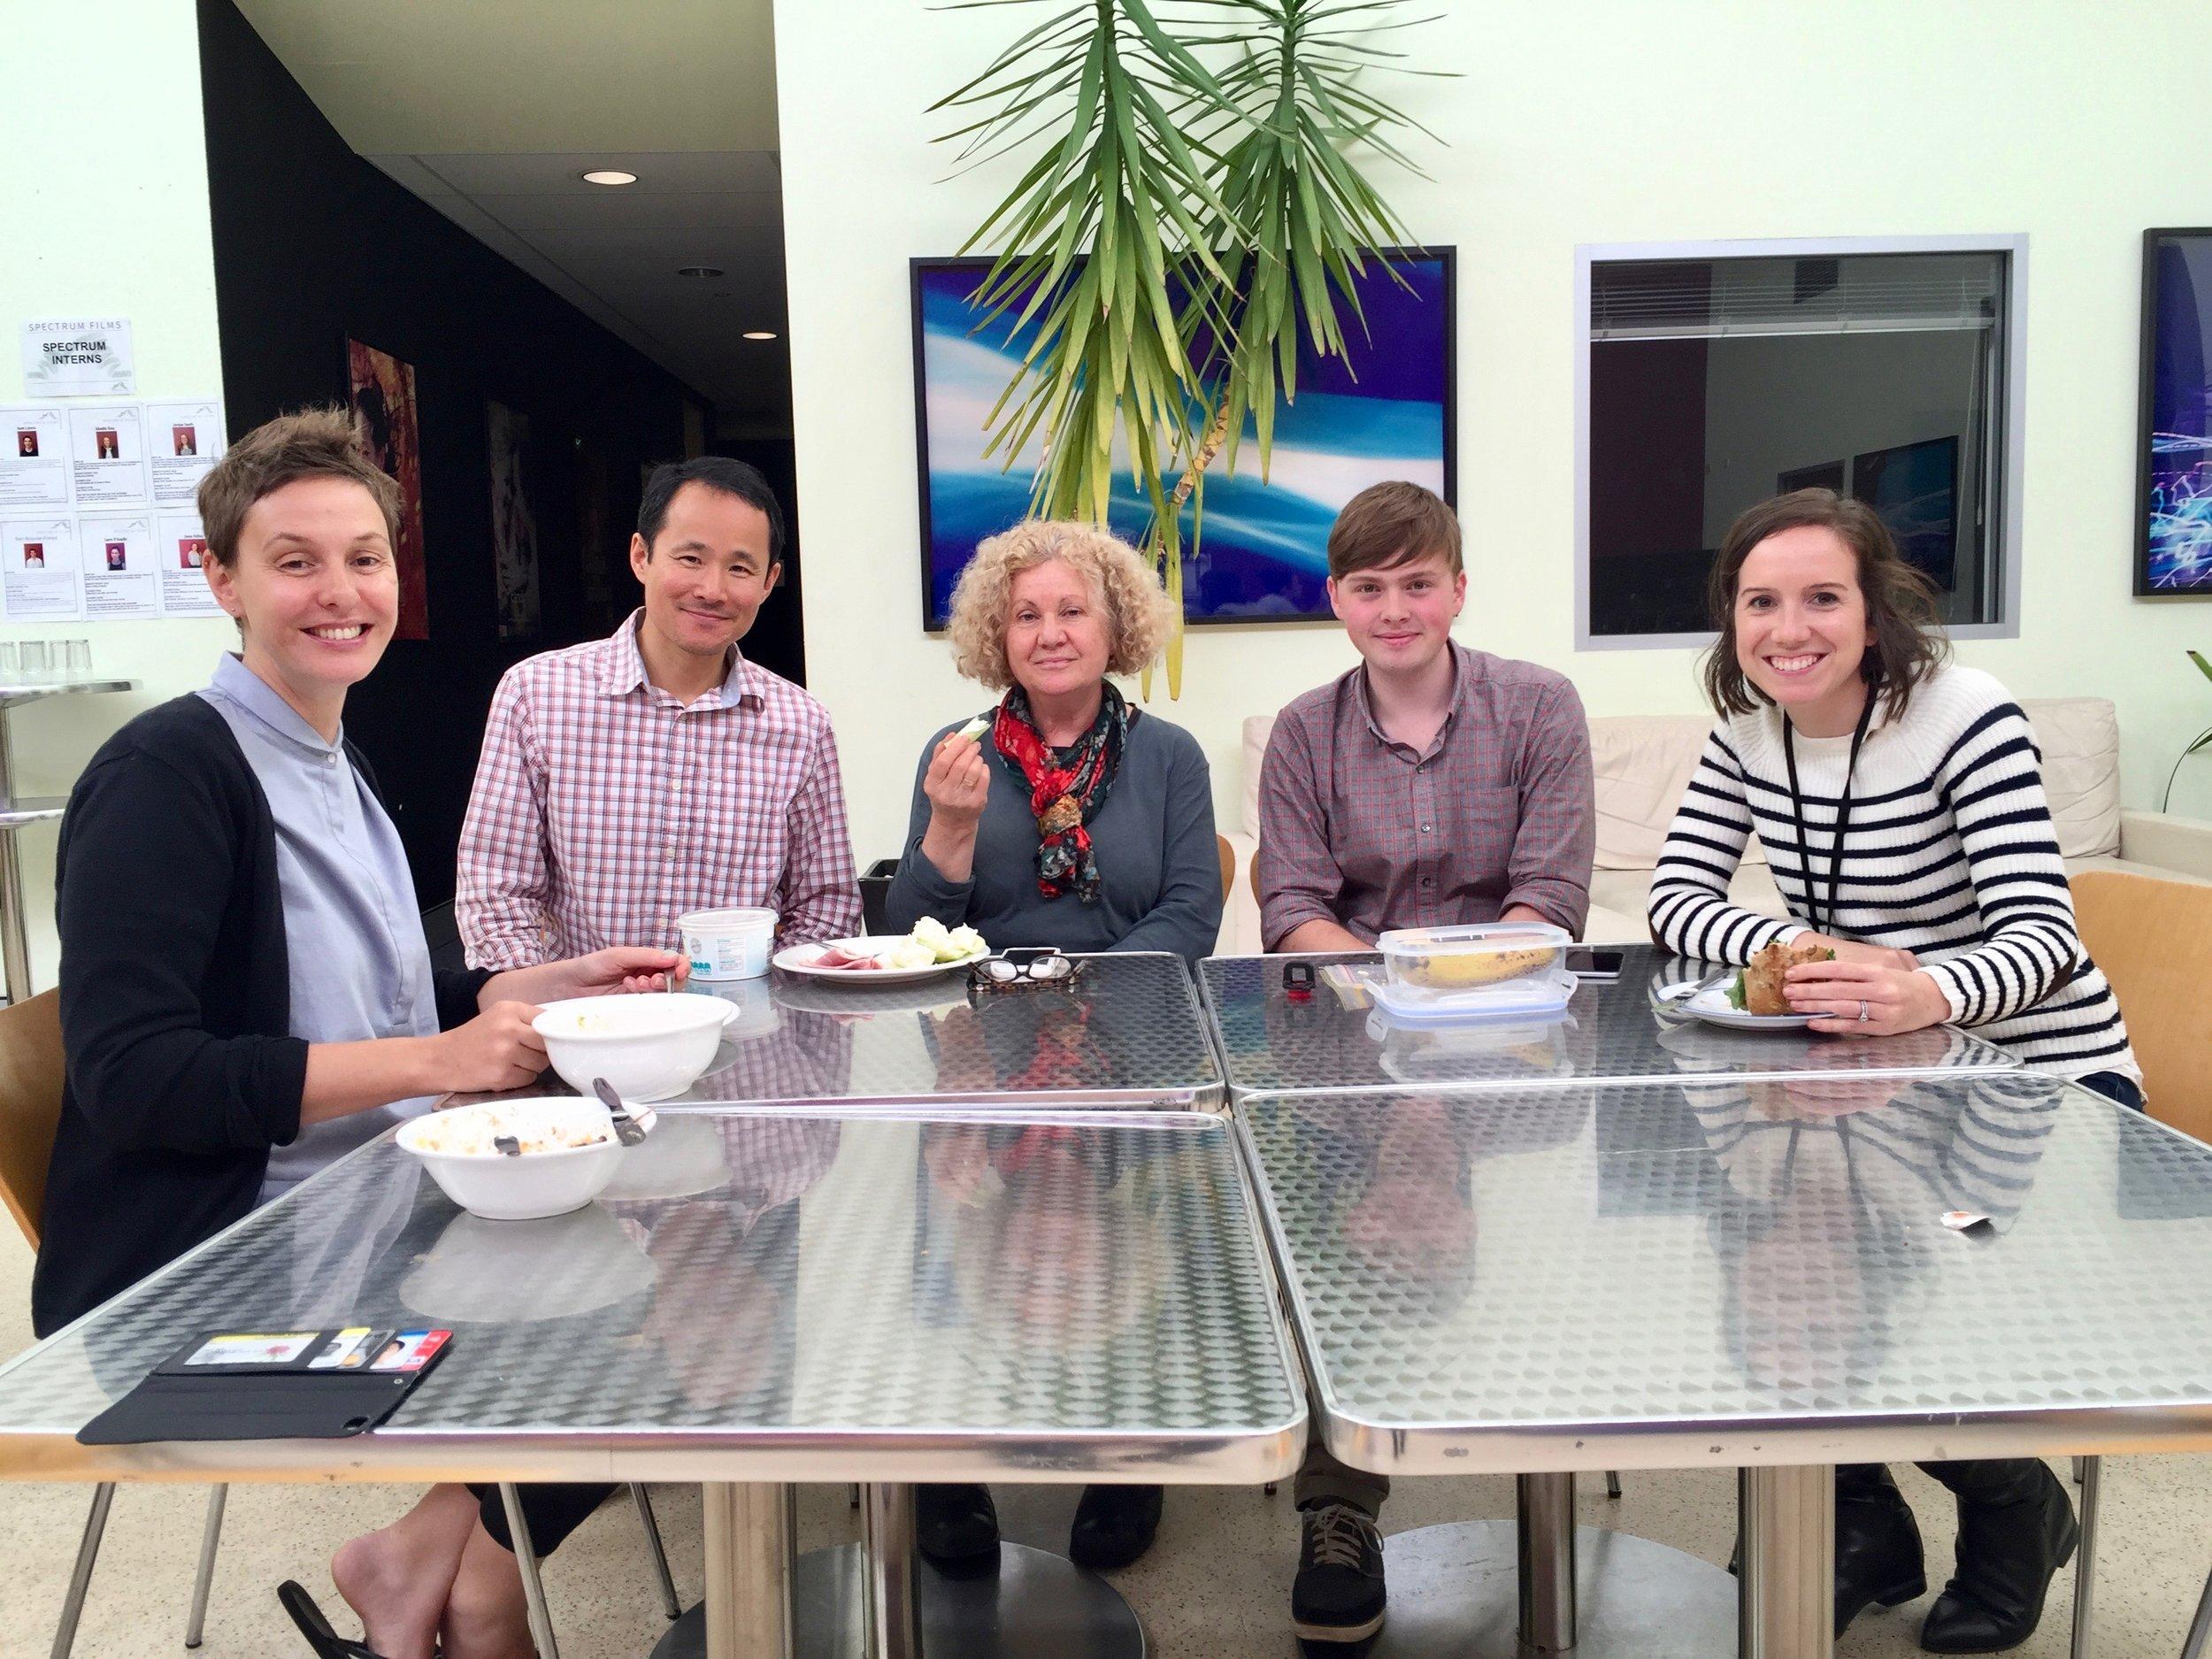 L-R: Kristine Rowe (Music Editor), Bin Li, Nadia Tass (Director), Josh Wyatt (Assistant Editor)   and Katie Dose (1st Assistant Editor),